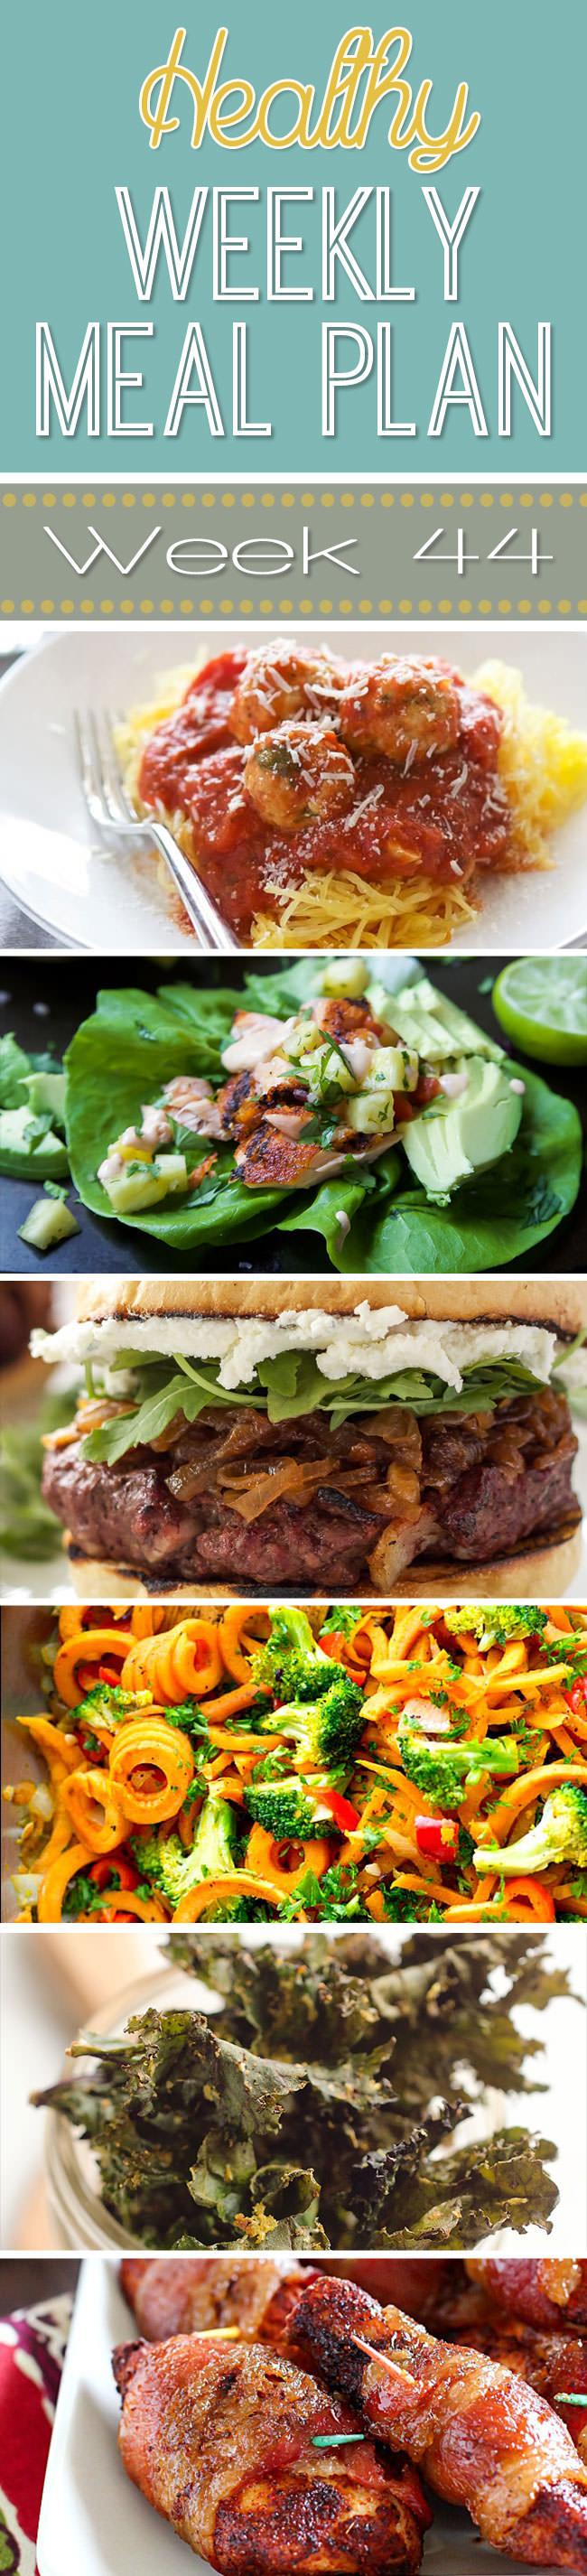 Healthy-Meal-Plan-Week-44-Vertical